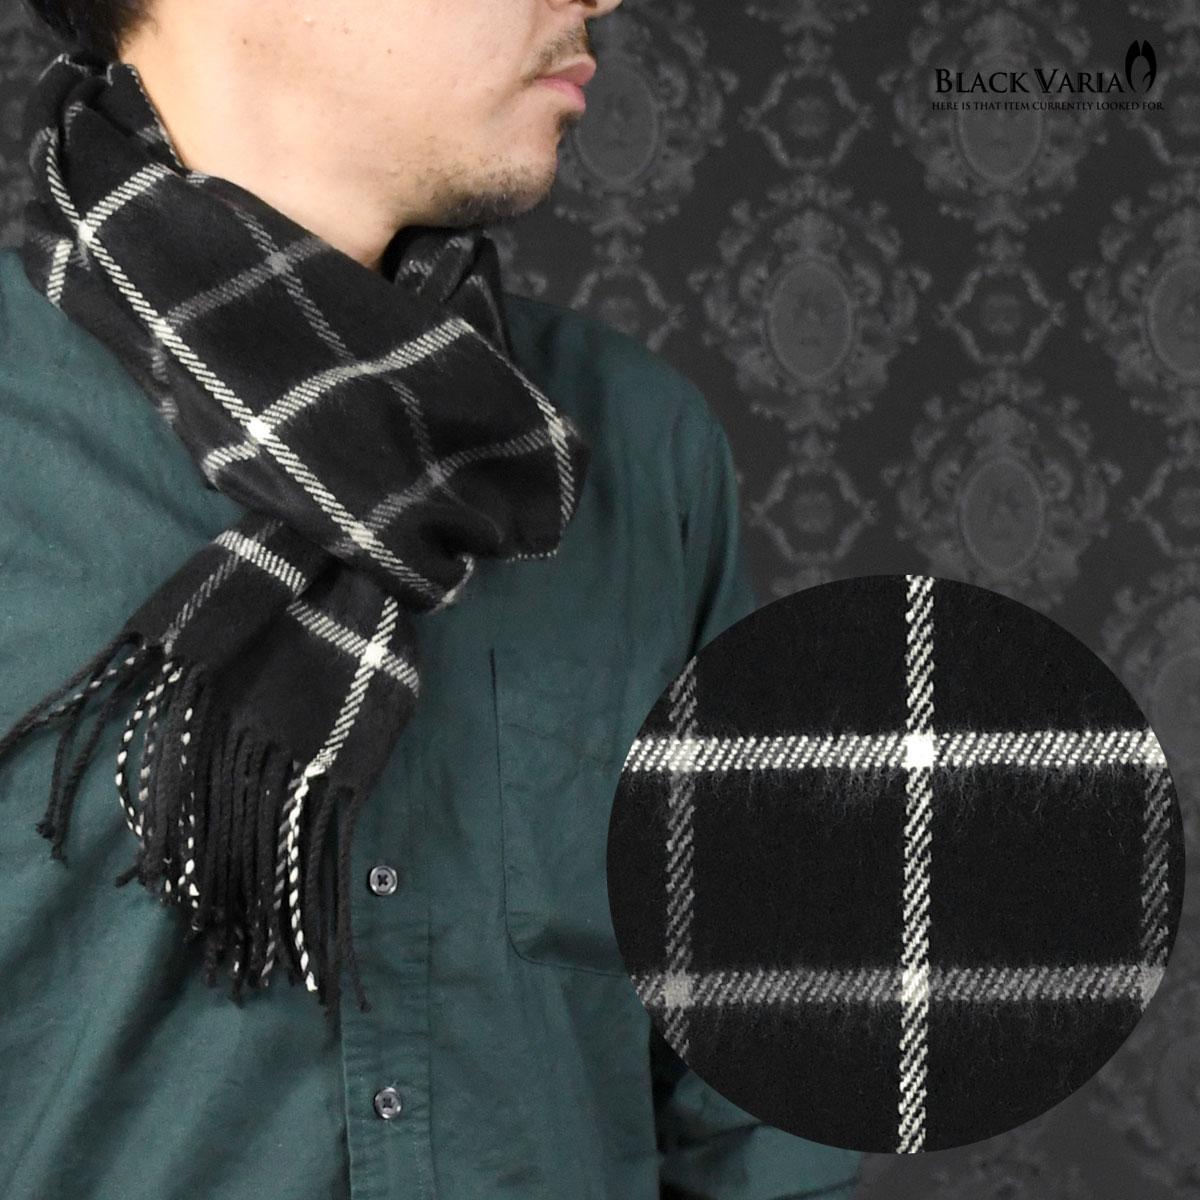 マフラー チェック柄 メンズ ビジネス アクリル ニット 日本製 チェックマフラー mens(ブラック黒ウインドペン)